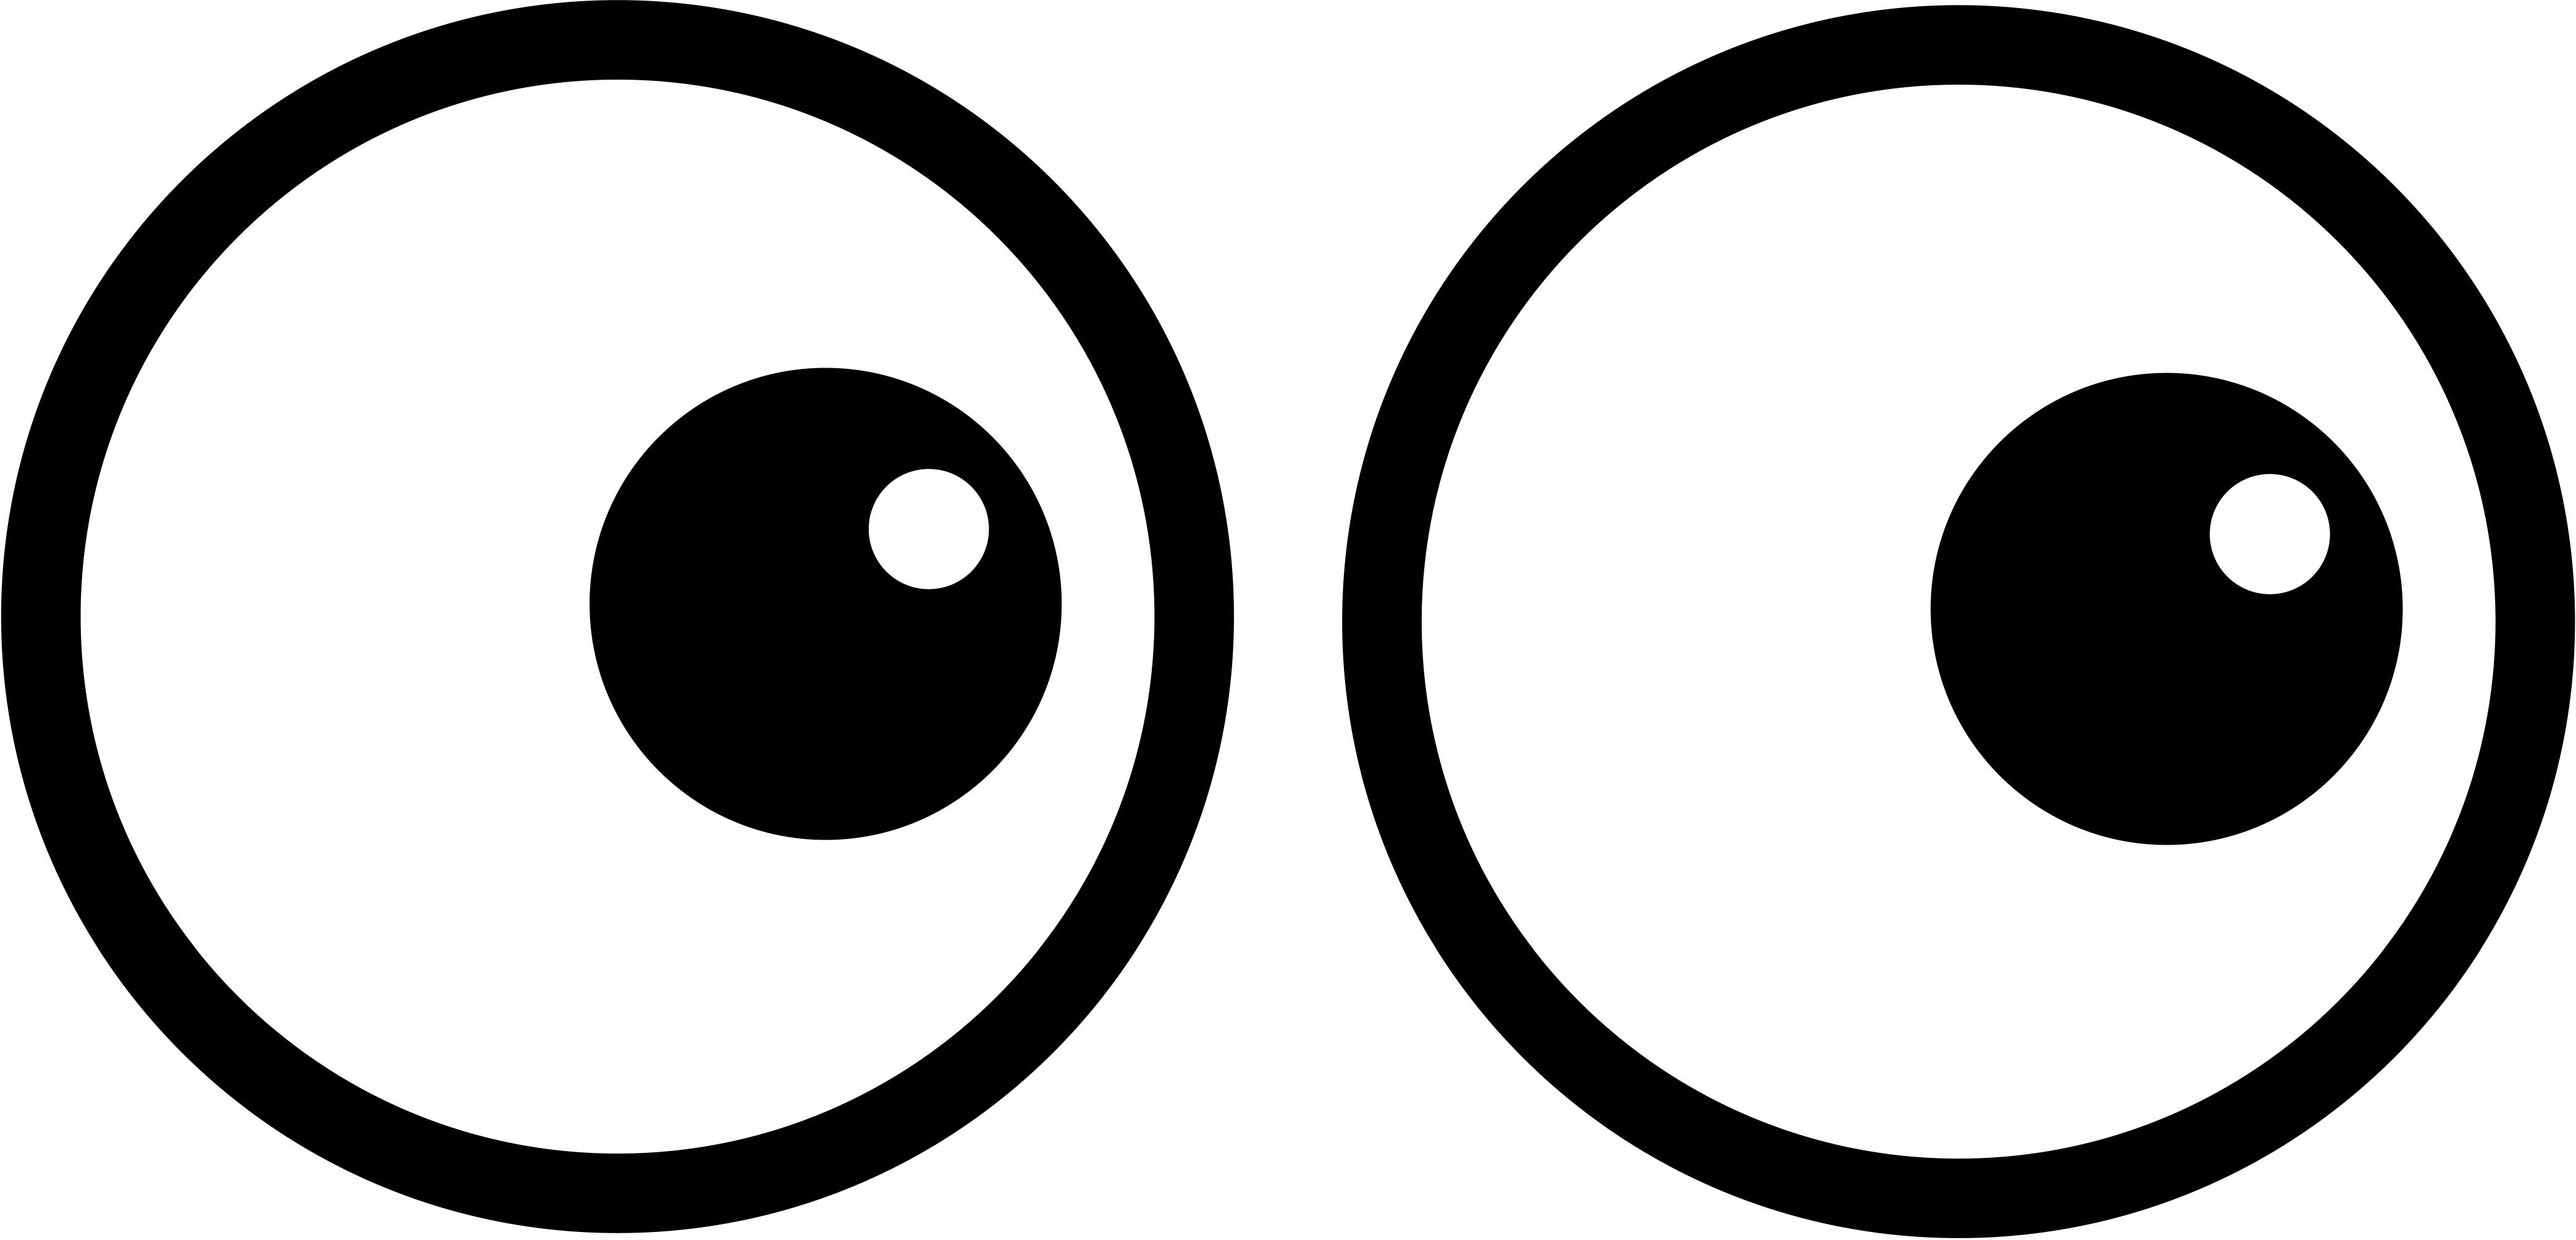 Eyeballs clipart robot. Eyes portal